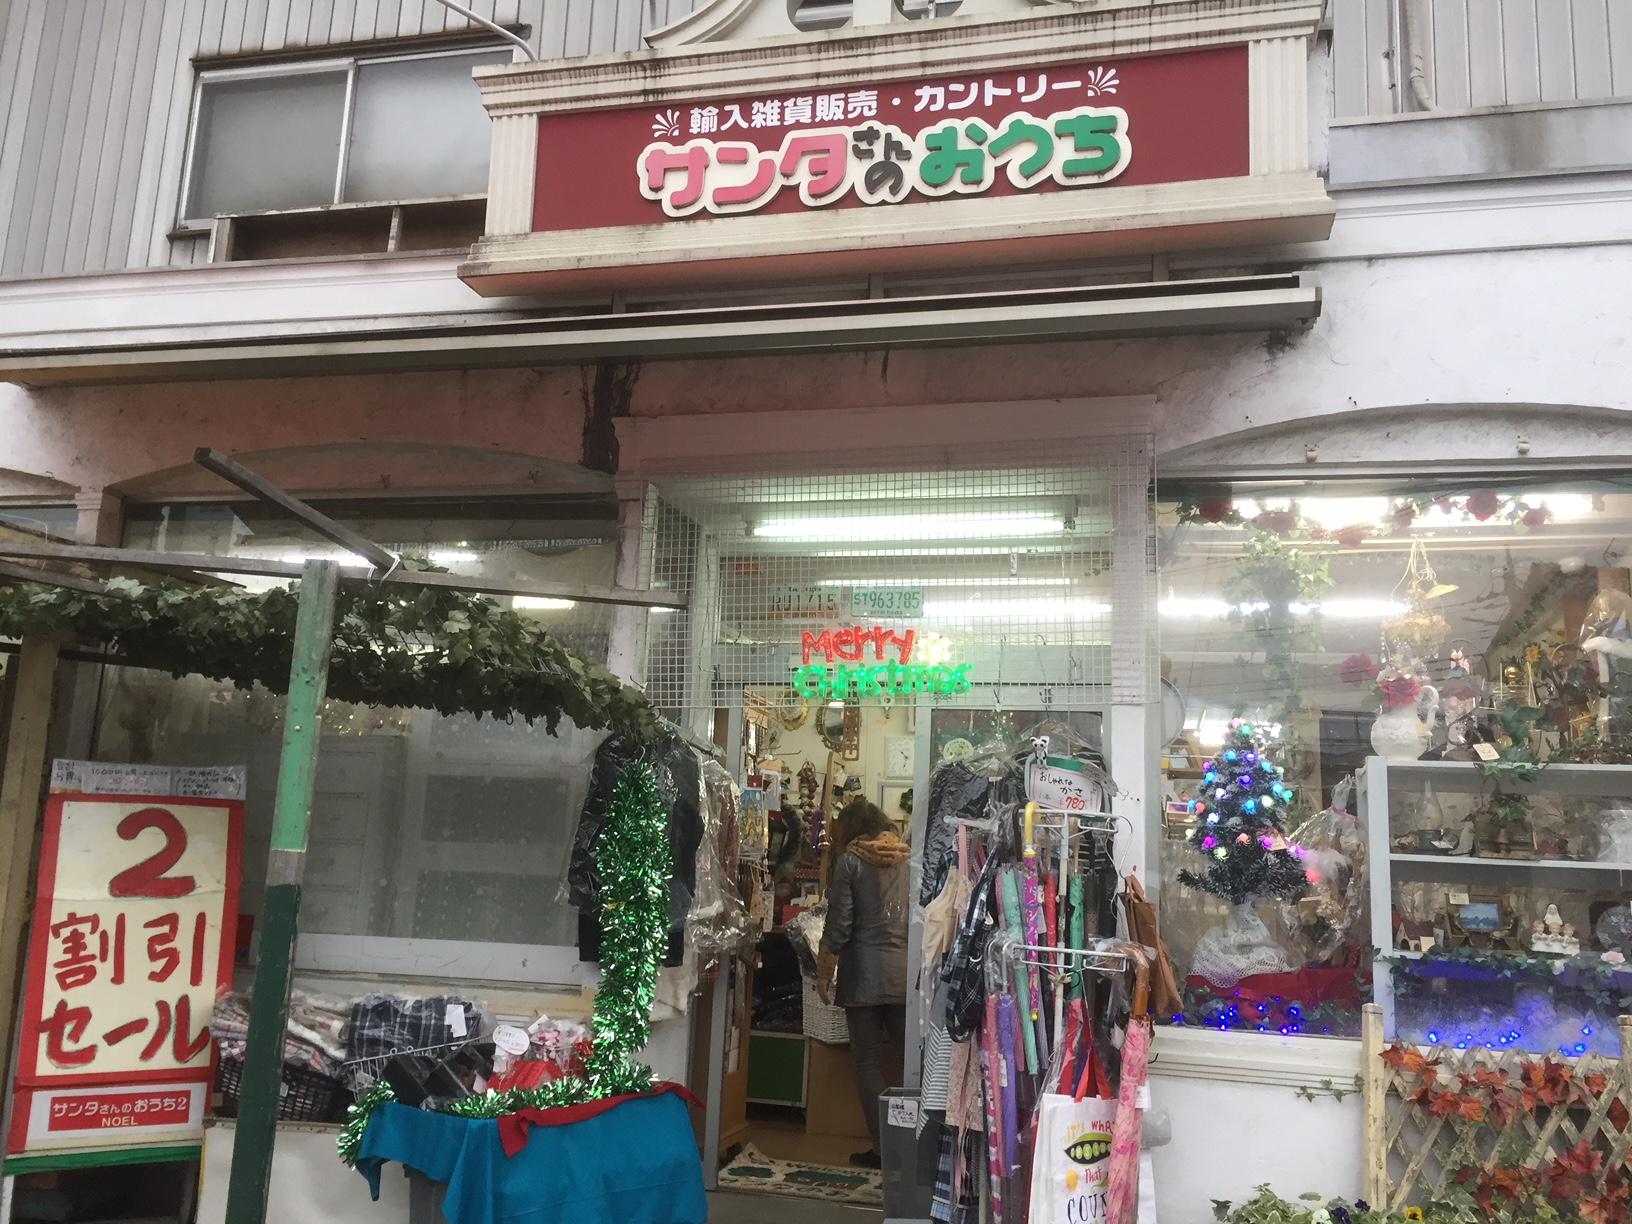 サンタさんのおうち3号店(千葉県流山市/インテリア・輸入雑貨)